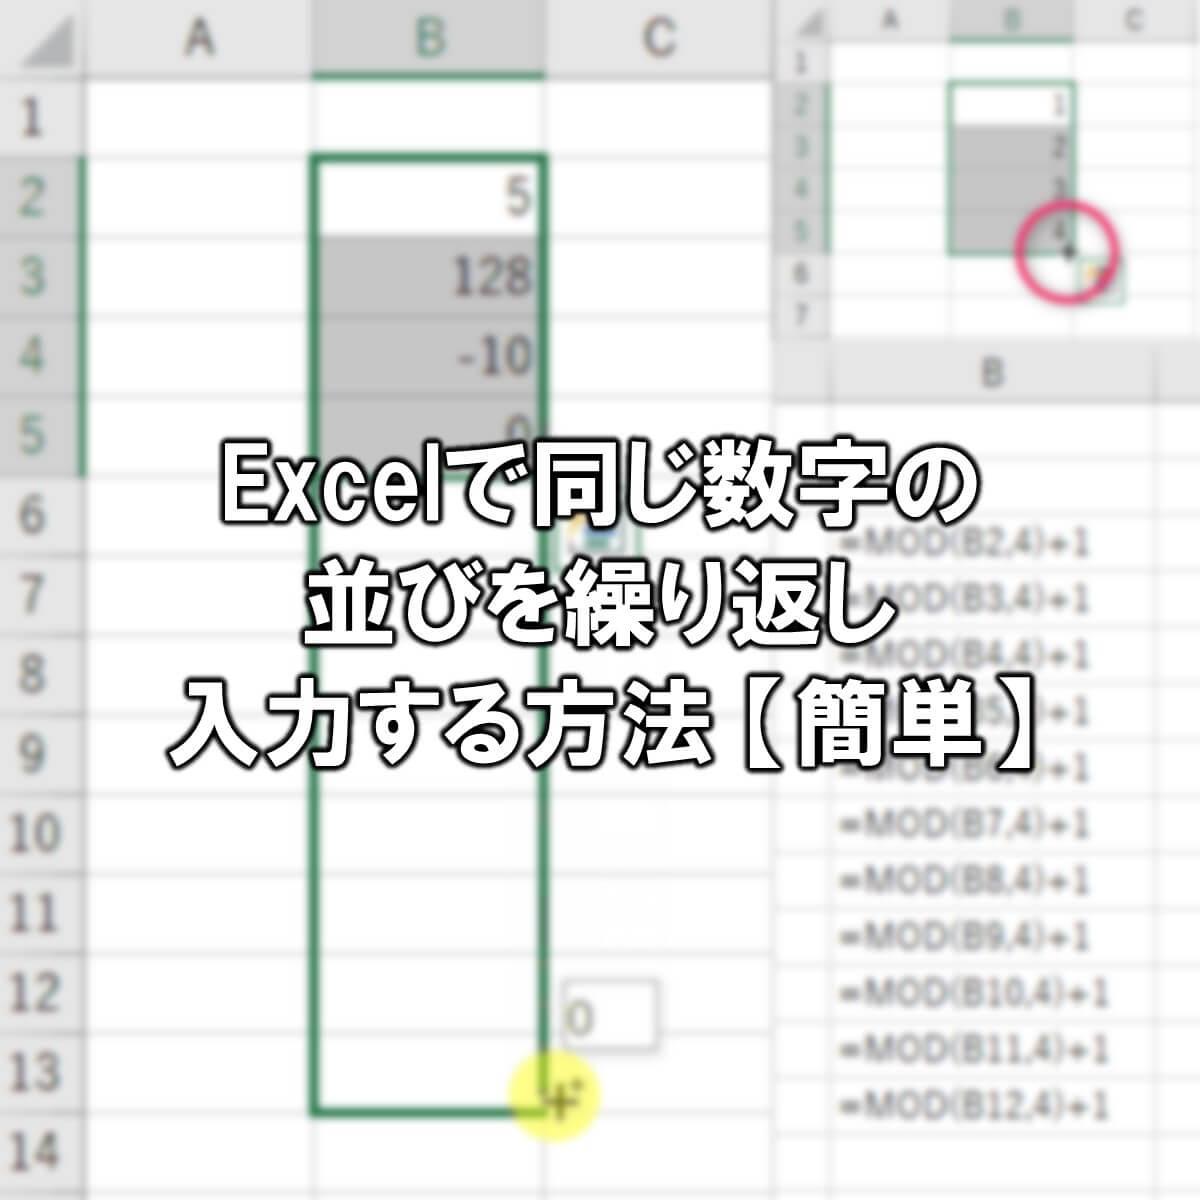 Excelで数字の並び(連番等)を繰り返し入力する方法